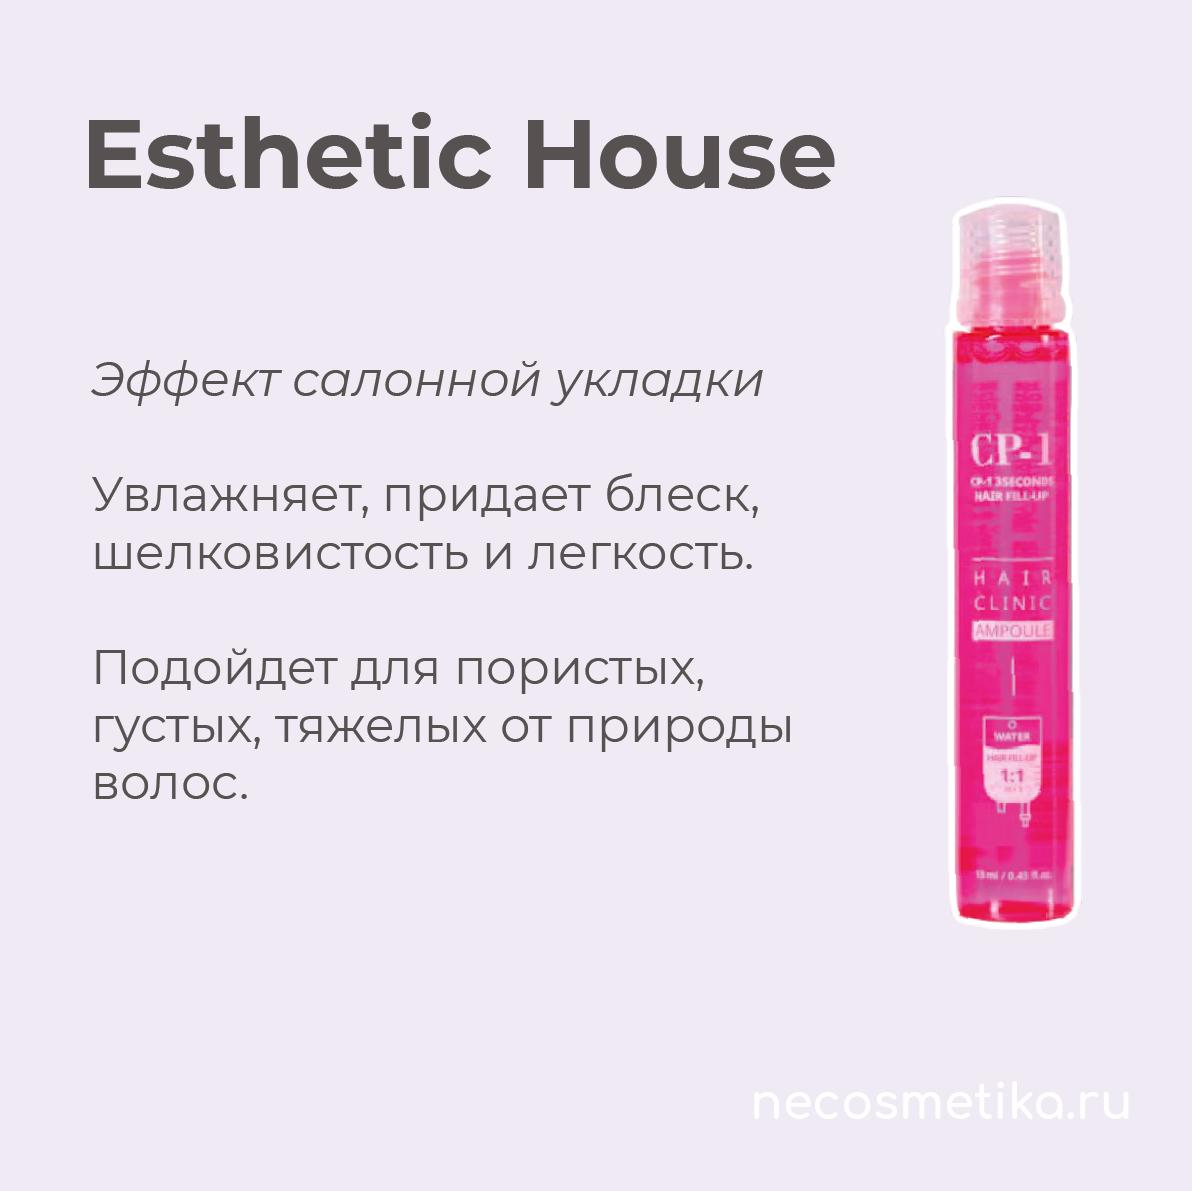 гликолевый пилинг esthetic house